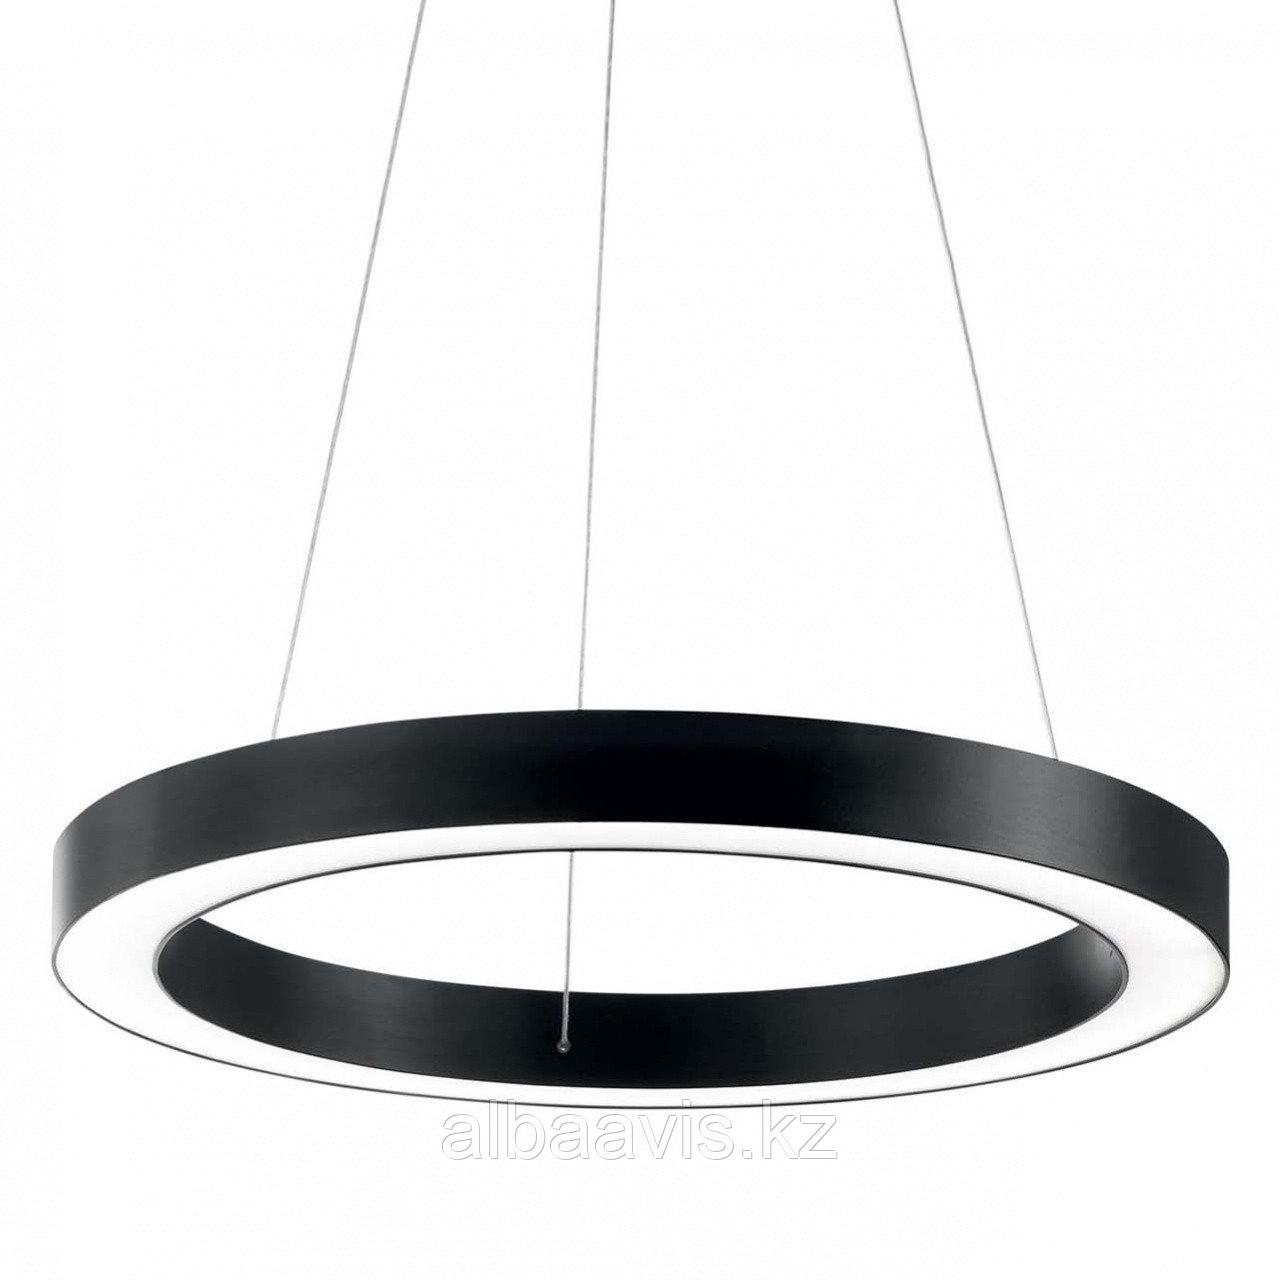 Светильники подвесные в стиле хай-тек 100х90х8 см, витражные люстры, люстры в стиле хай-тек, люстра